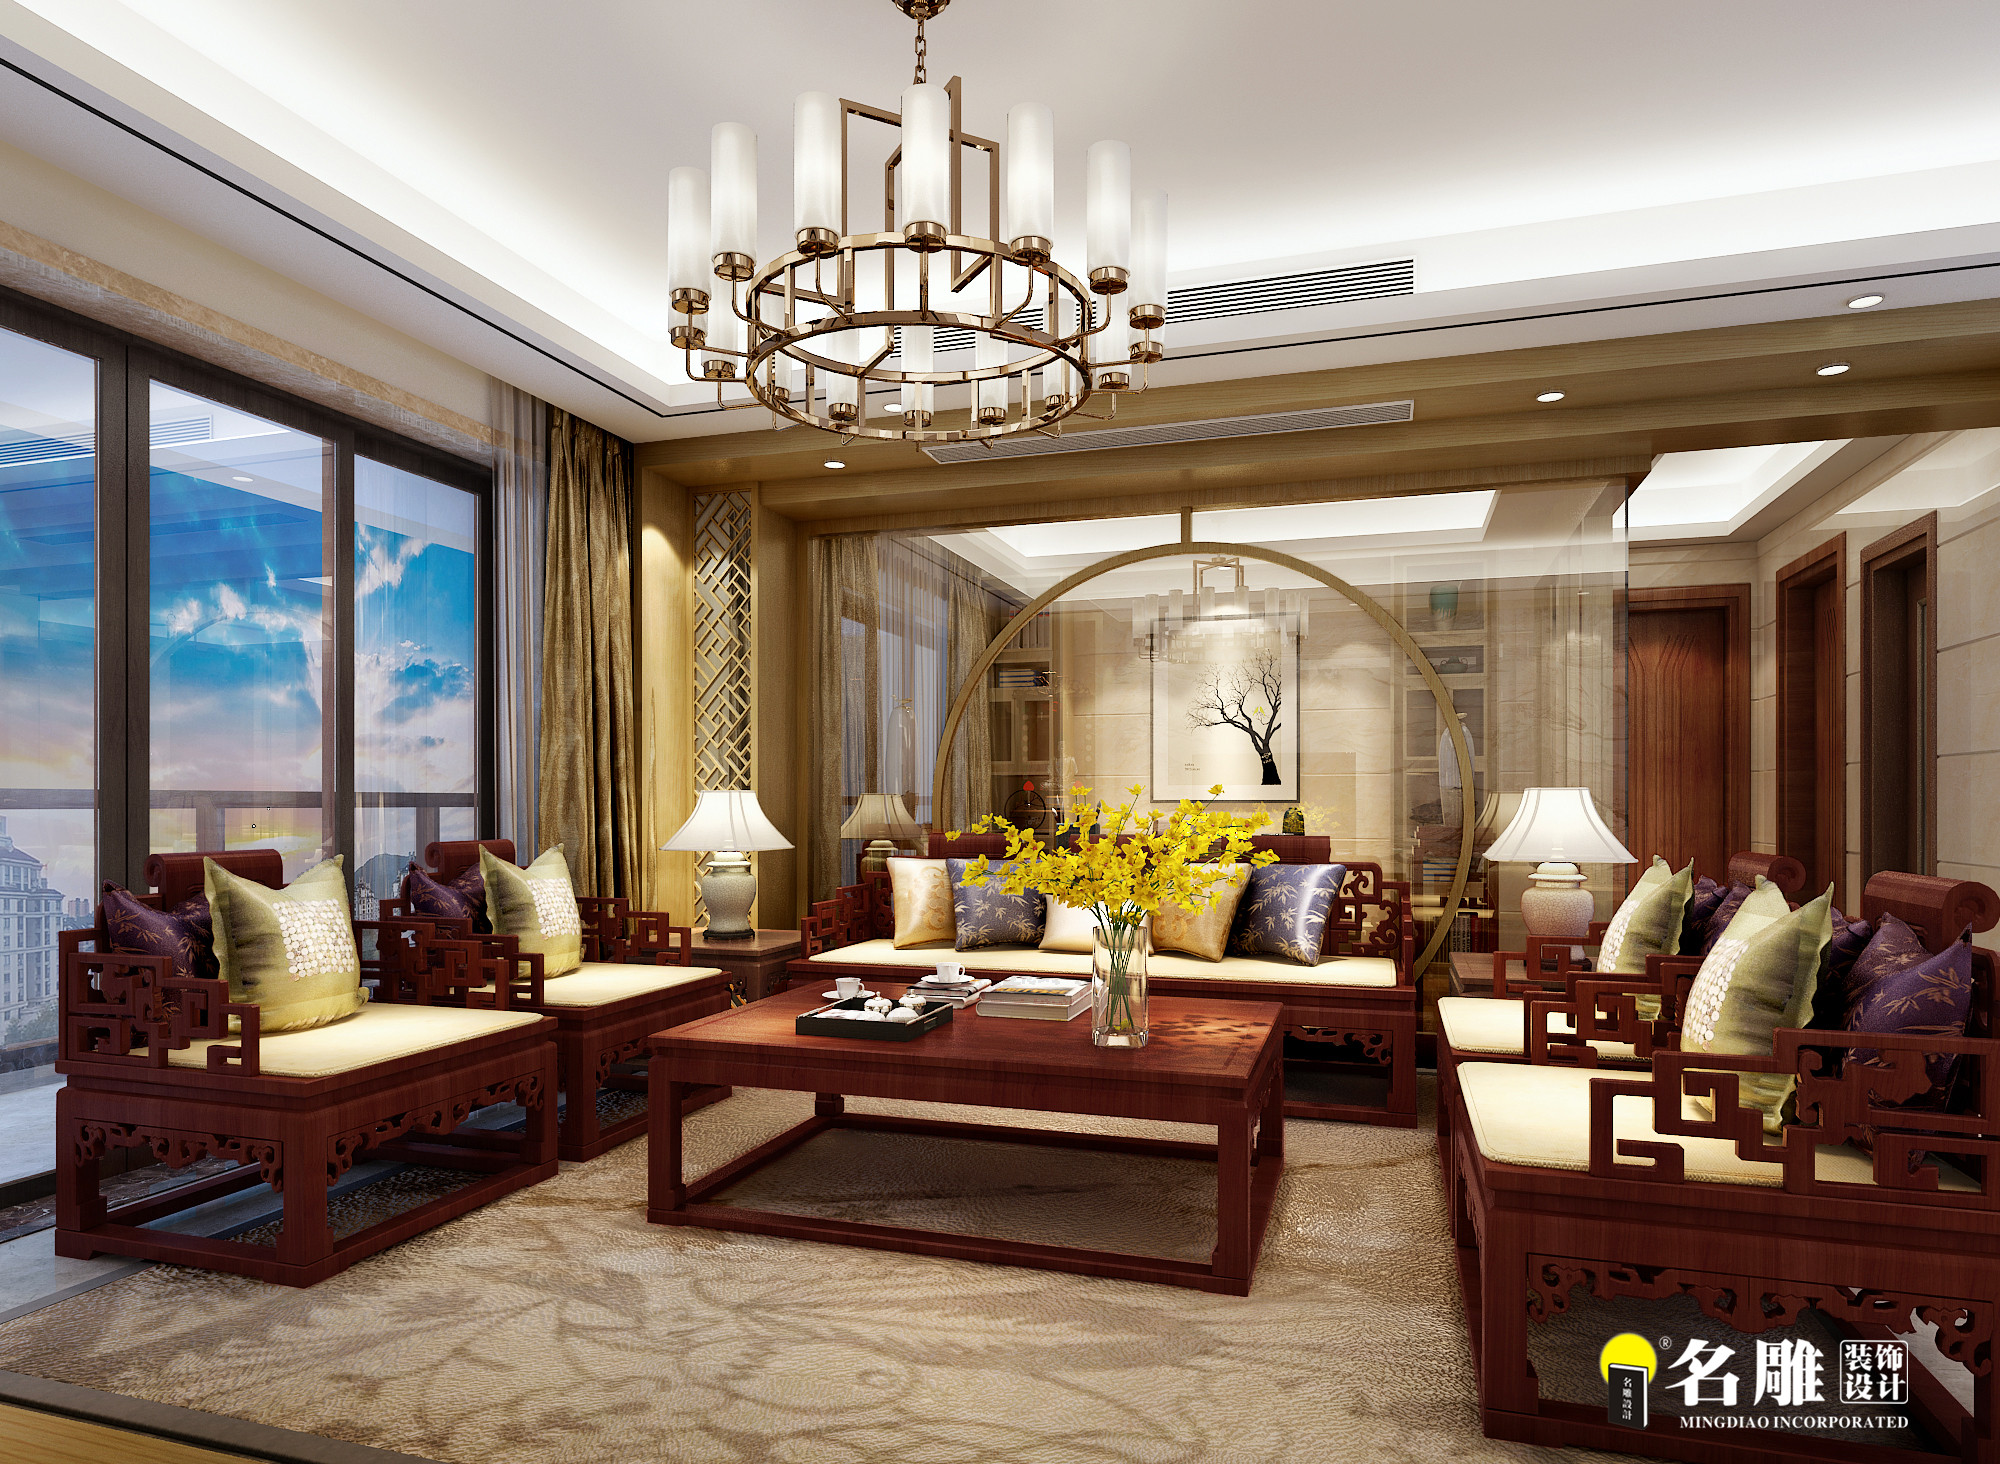 现代中式 四居室 空间层次感 中国式韵味 沉稳 客厅图片来自名雕装饰长沙分公司在第六都现代中式四居室的分享